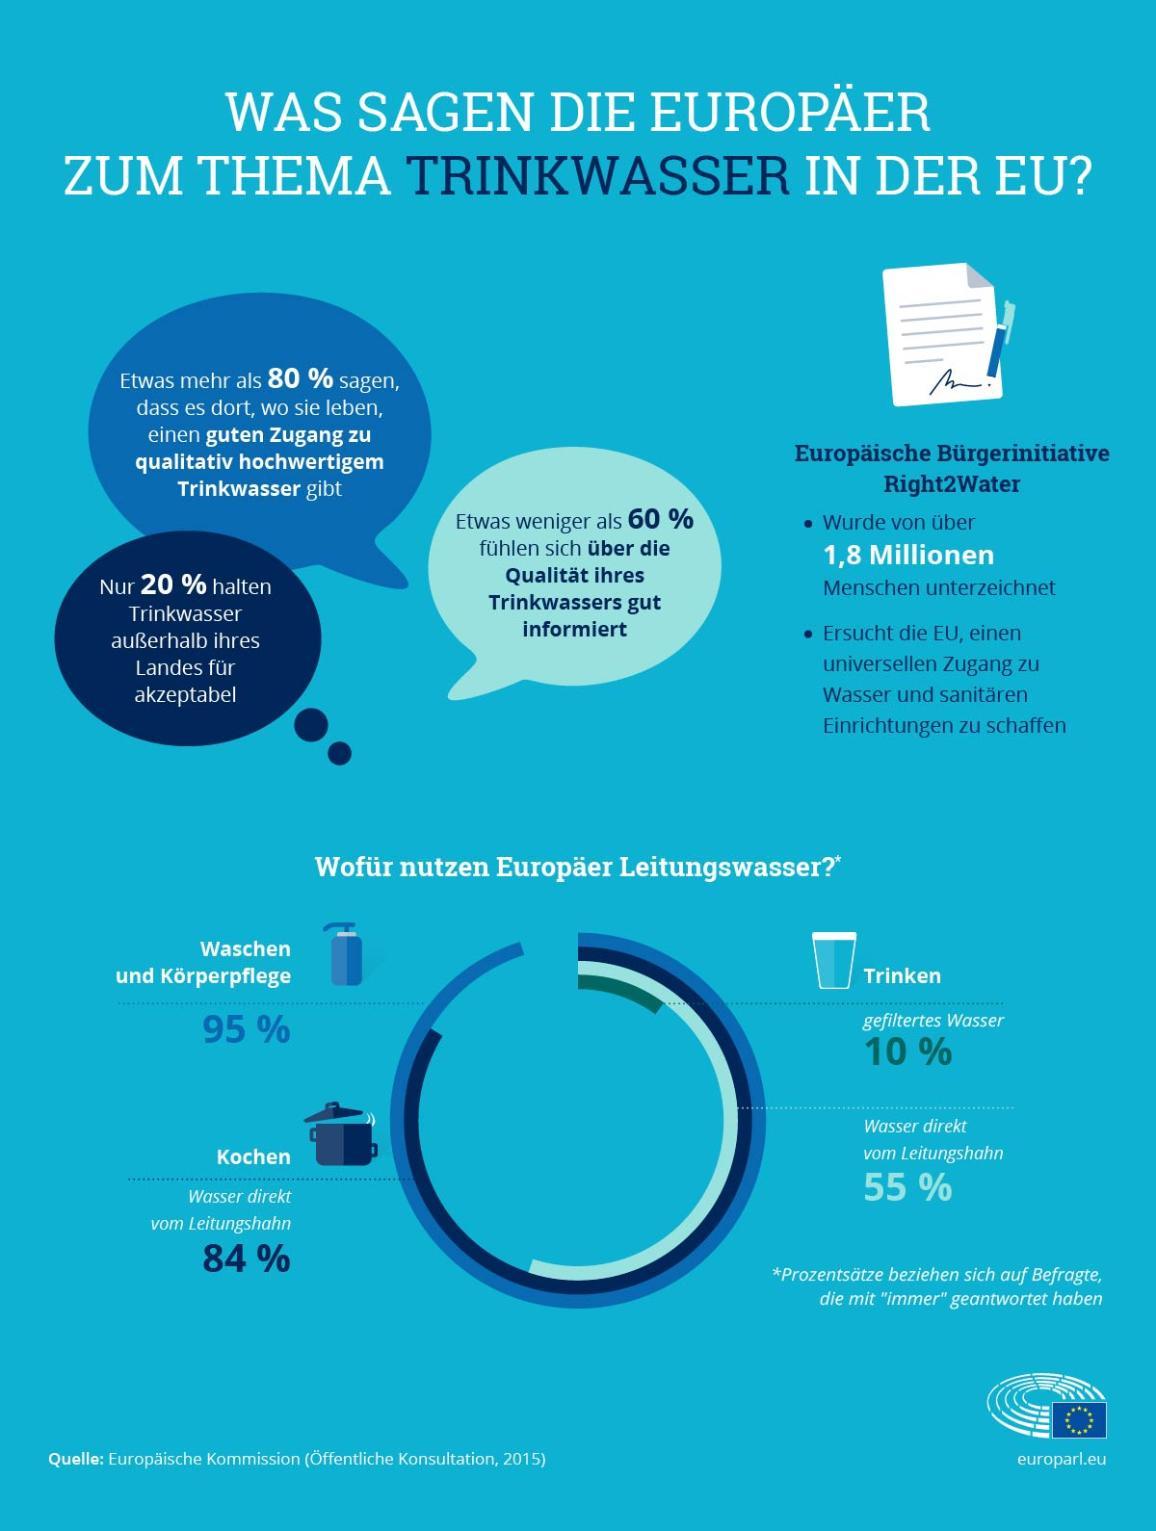 Die Infografik zeigt Ergebnisse einer öffentlichen Konsultation